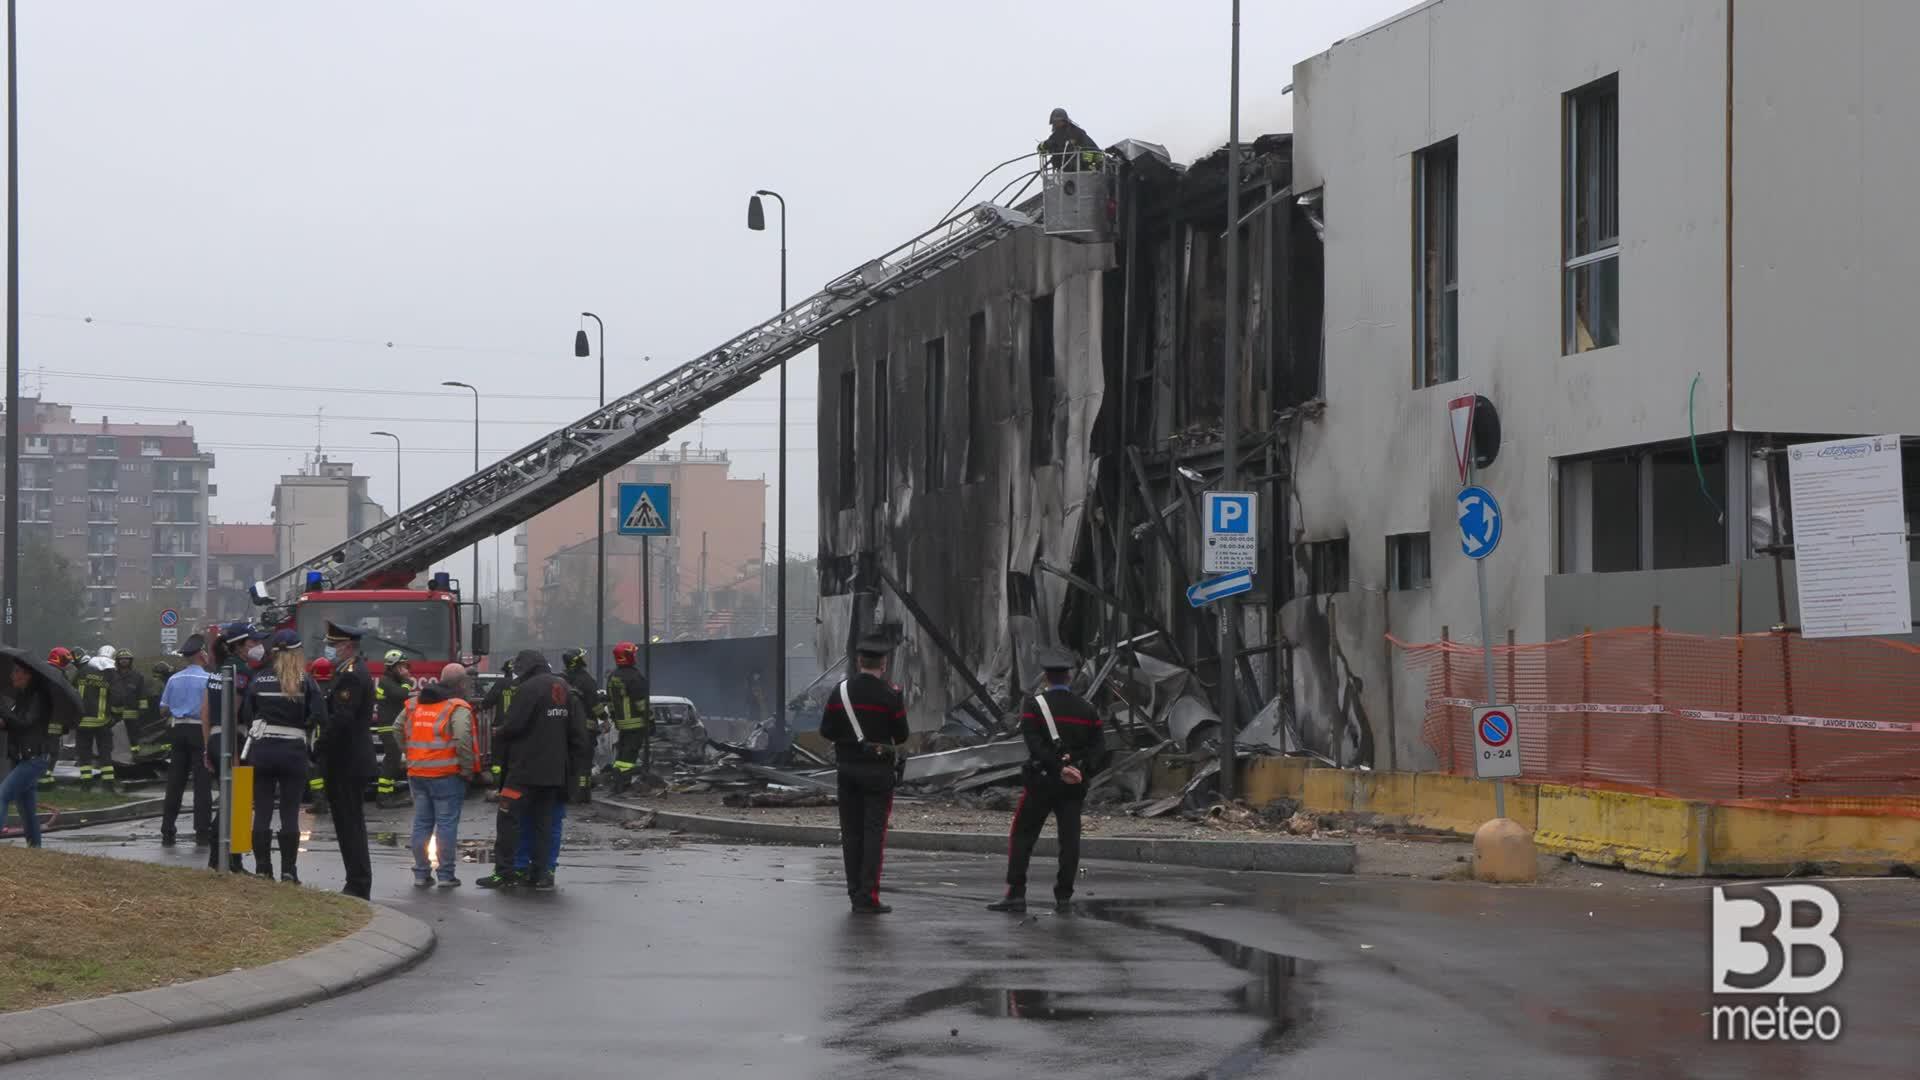 Incidente aereo a sud di Linate: vigili del fuoco al lavoro